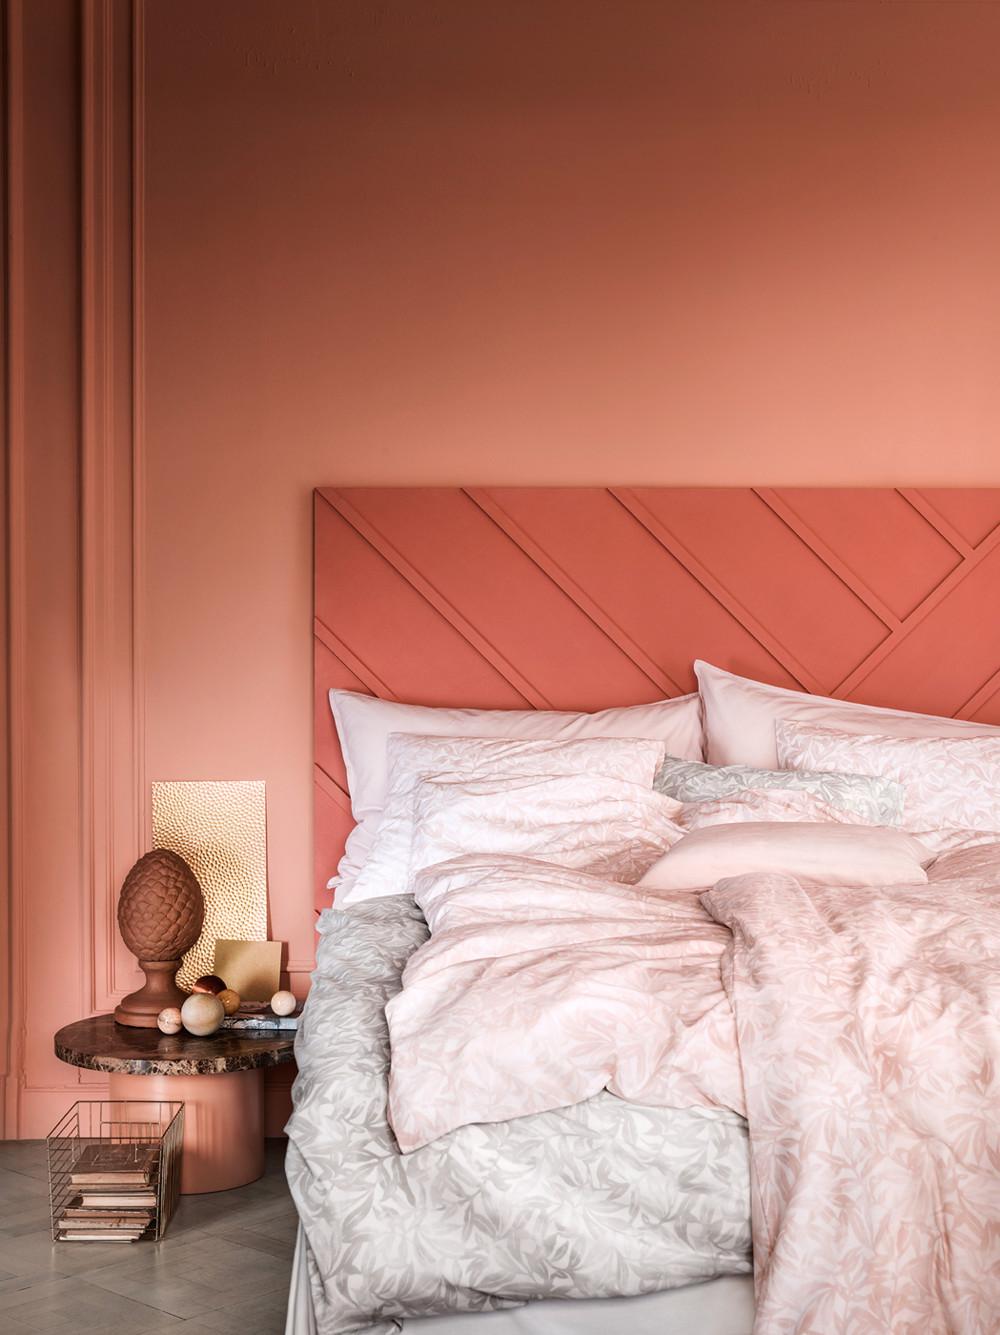 Les Couleurs Des Chambres 2018 living coral couleur pantone® 2019, la vie en rose